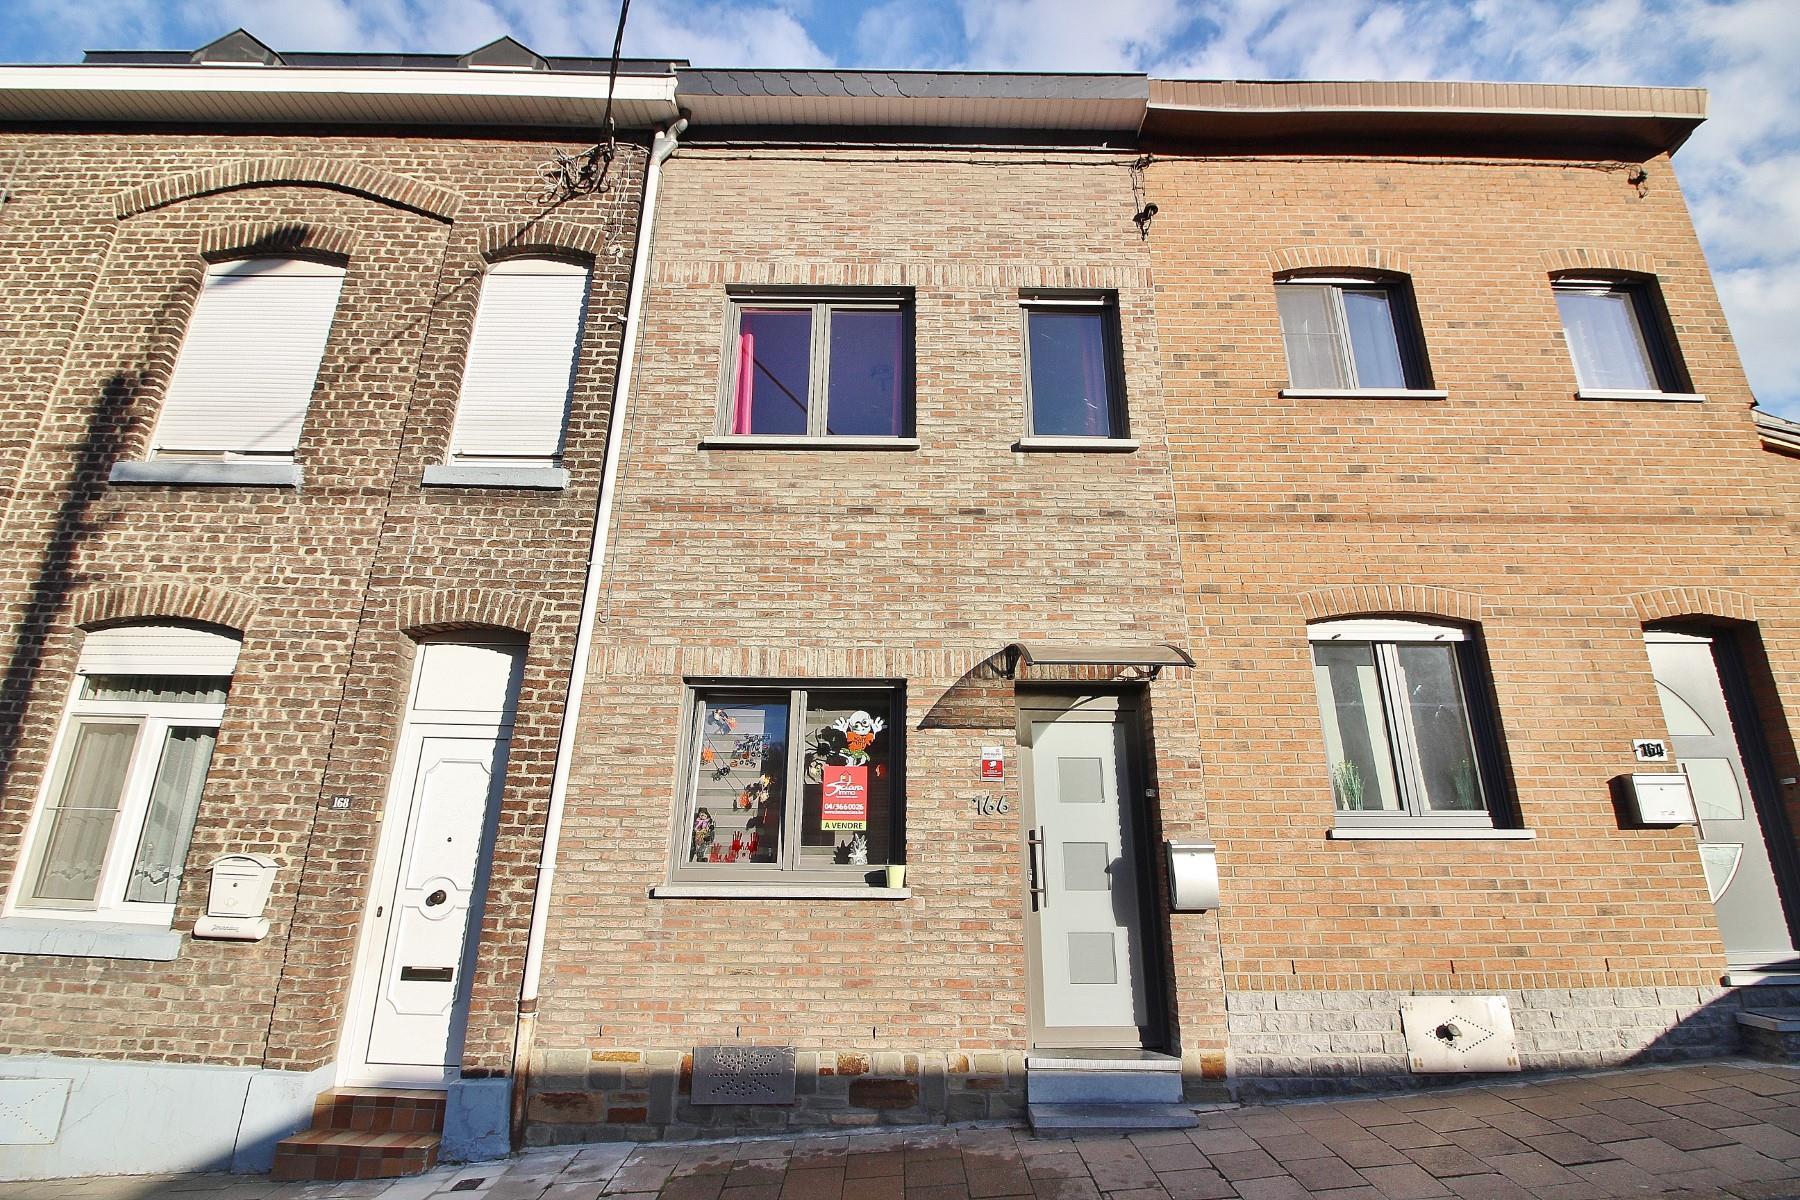 Maison - Seraing Jemeppe-sur-Meuse - #3615686-23